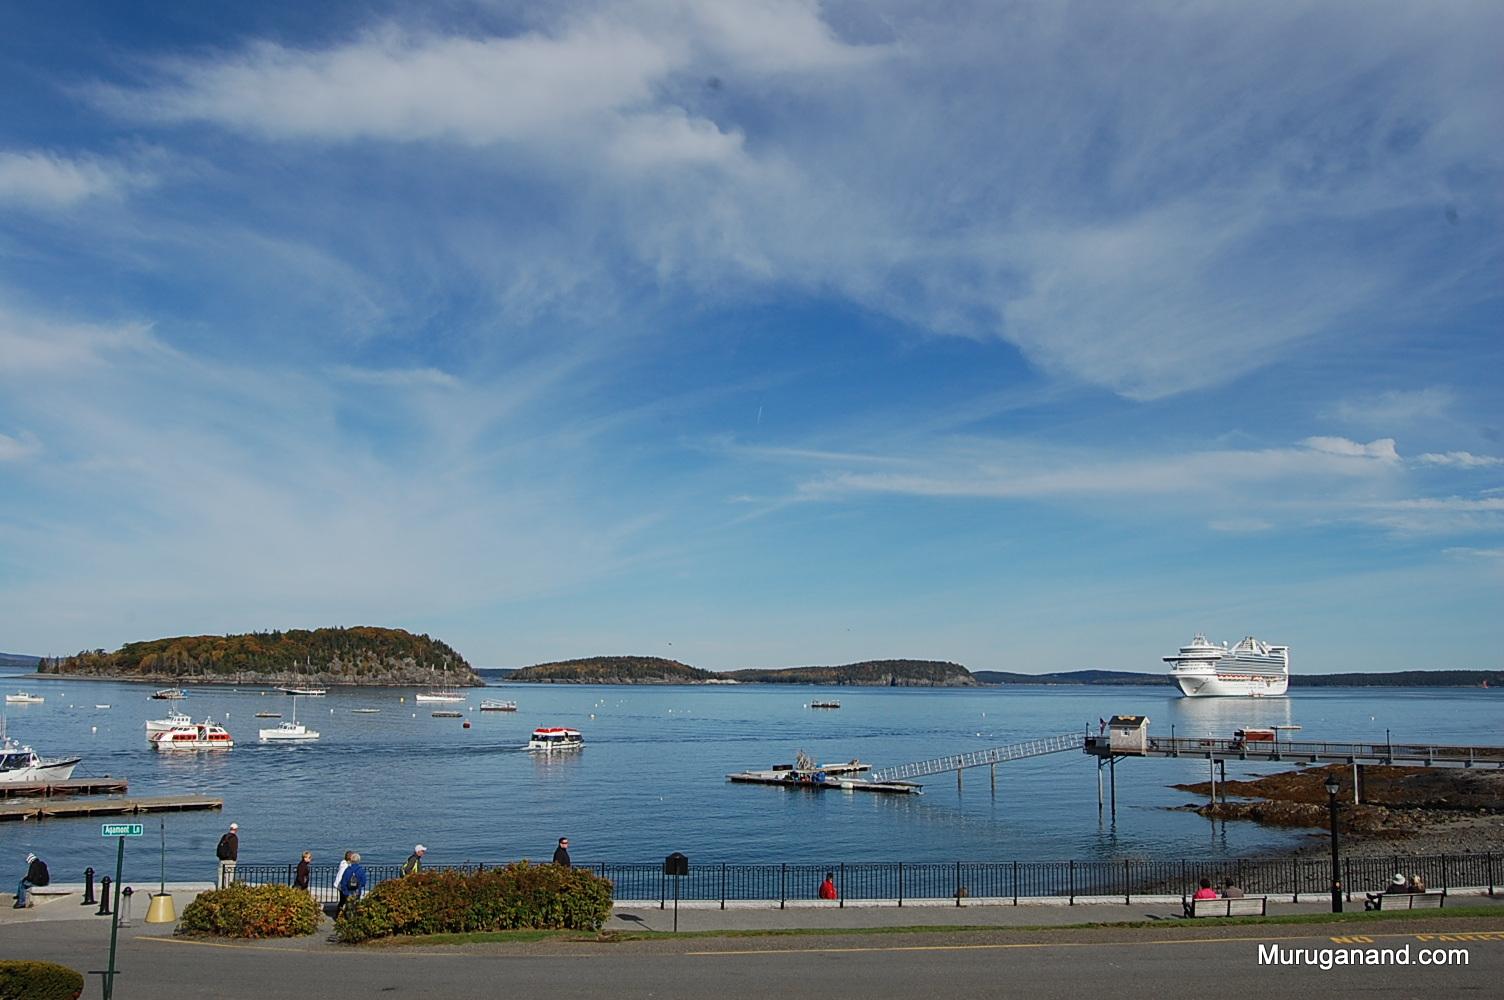 Bar Harbor brings visitors by cruise ships to Acadia national Park.